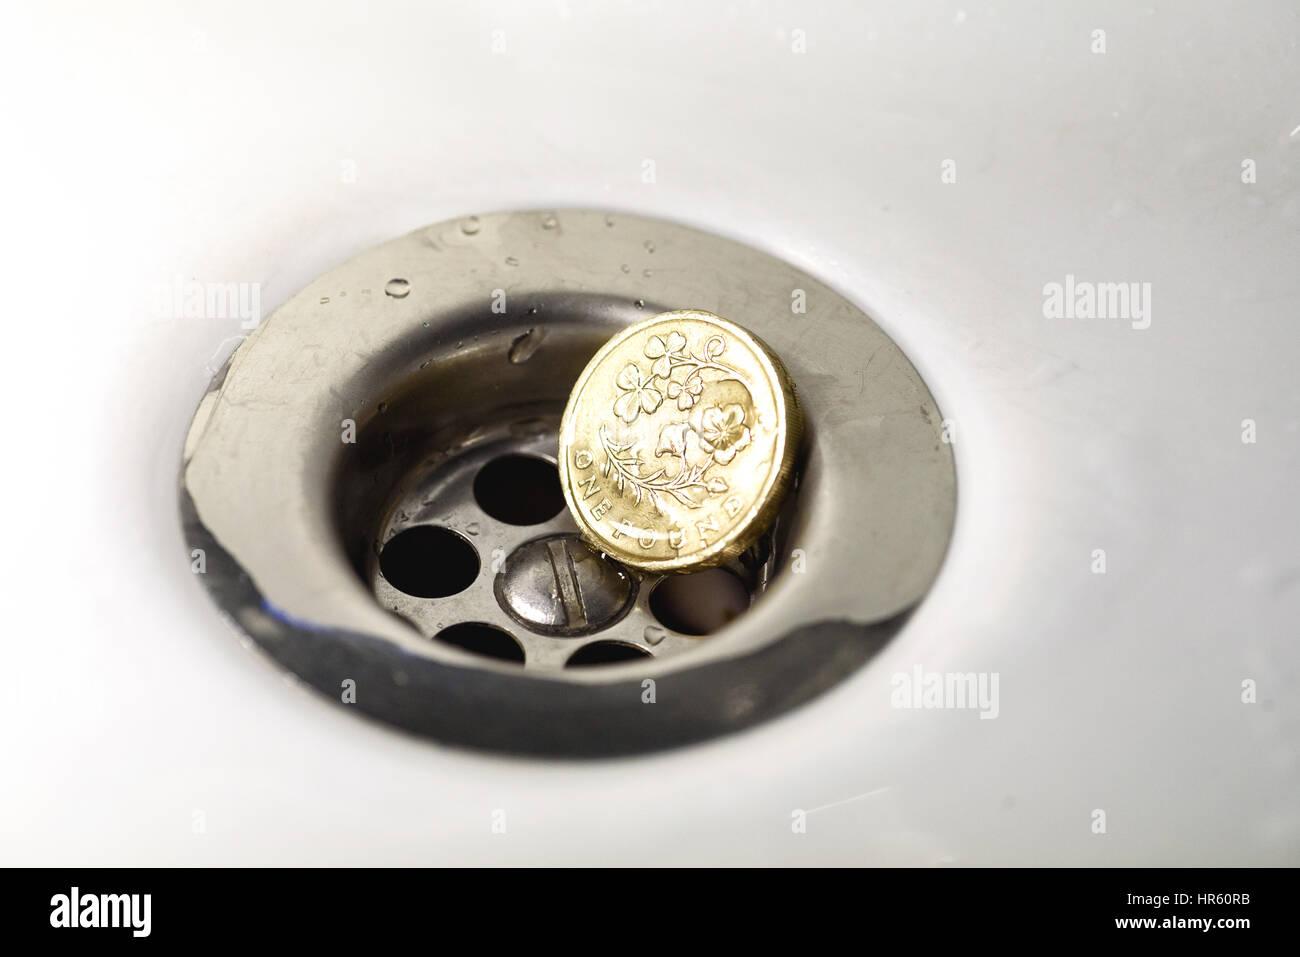 Einzelne Britische Pfund Münze Ruht In Einem Silbernen Abfluss Mit